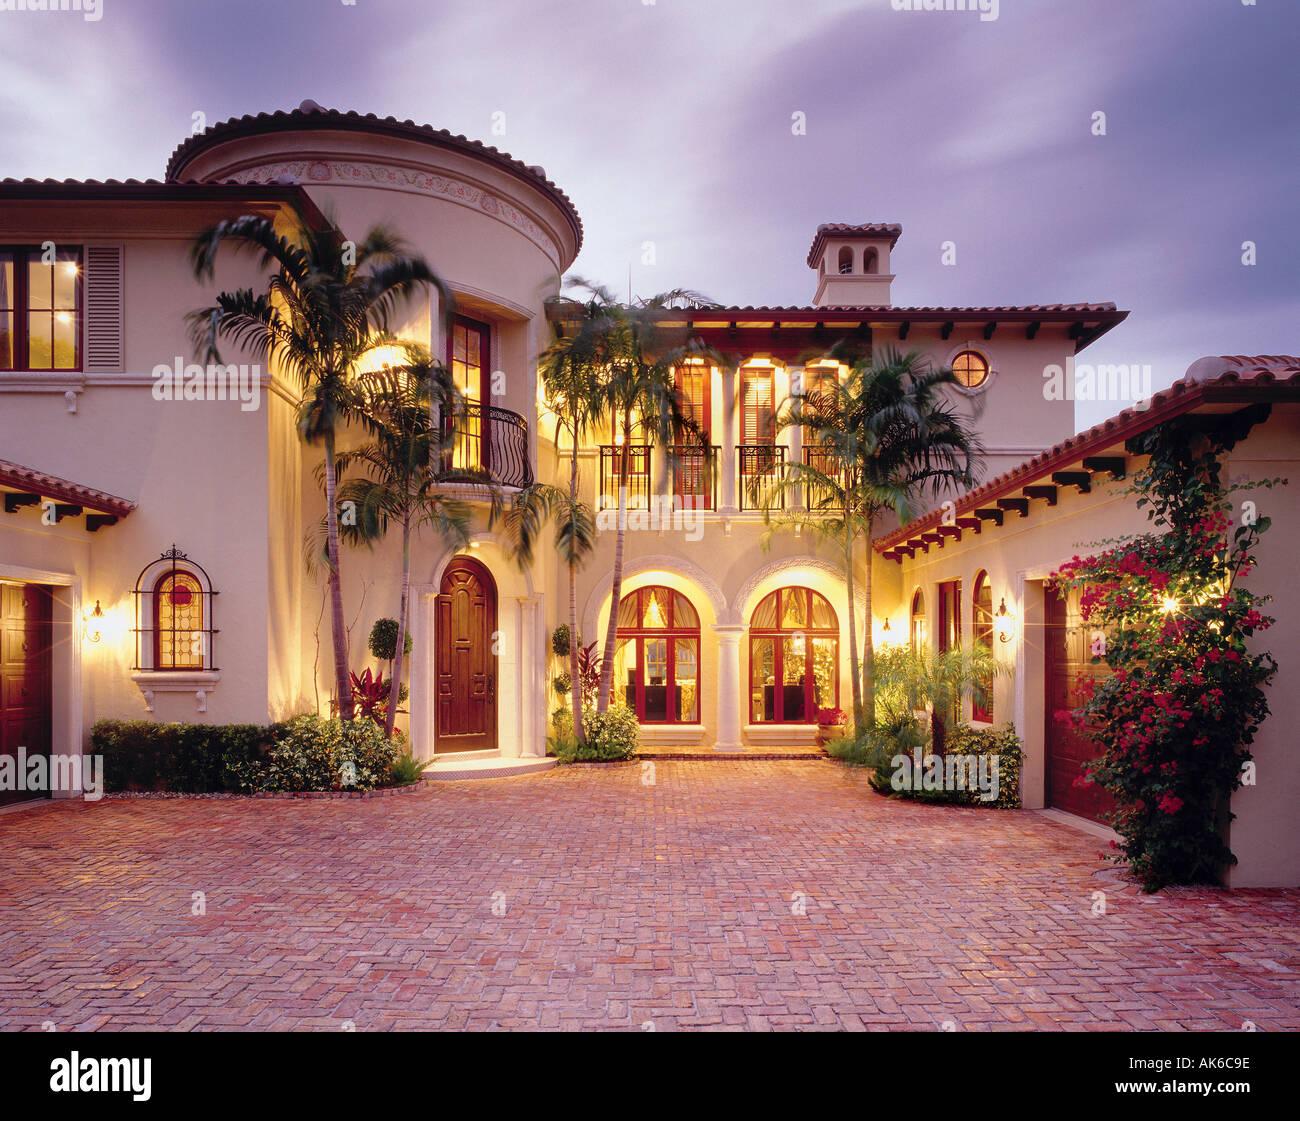 Mediterranes Einfamilienhaus mit Backstein Innenhof in Boca Raton, Florida. Funktionen Bougainvillea Pflanzen und Palmen. Stockbild